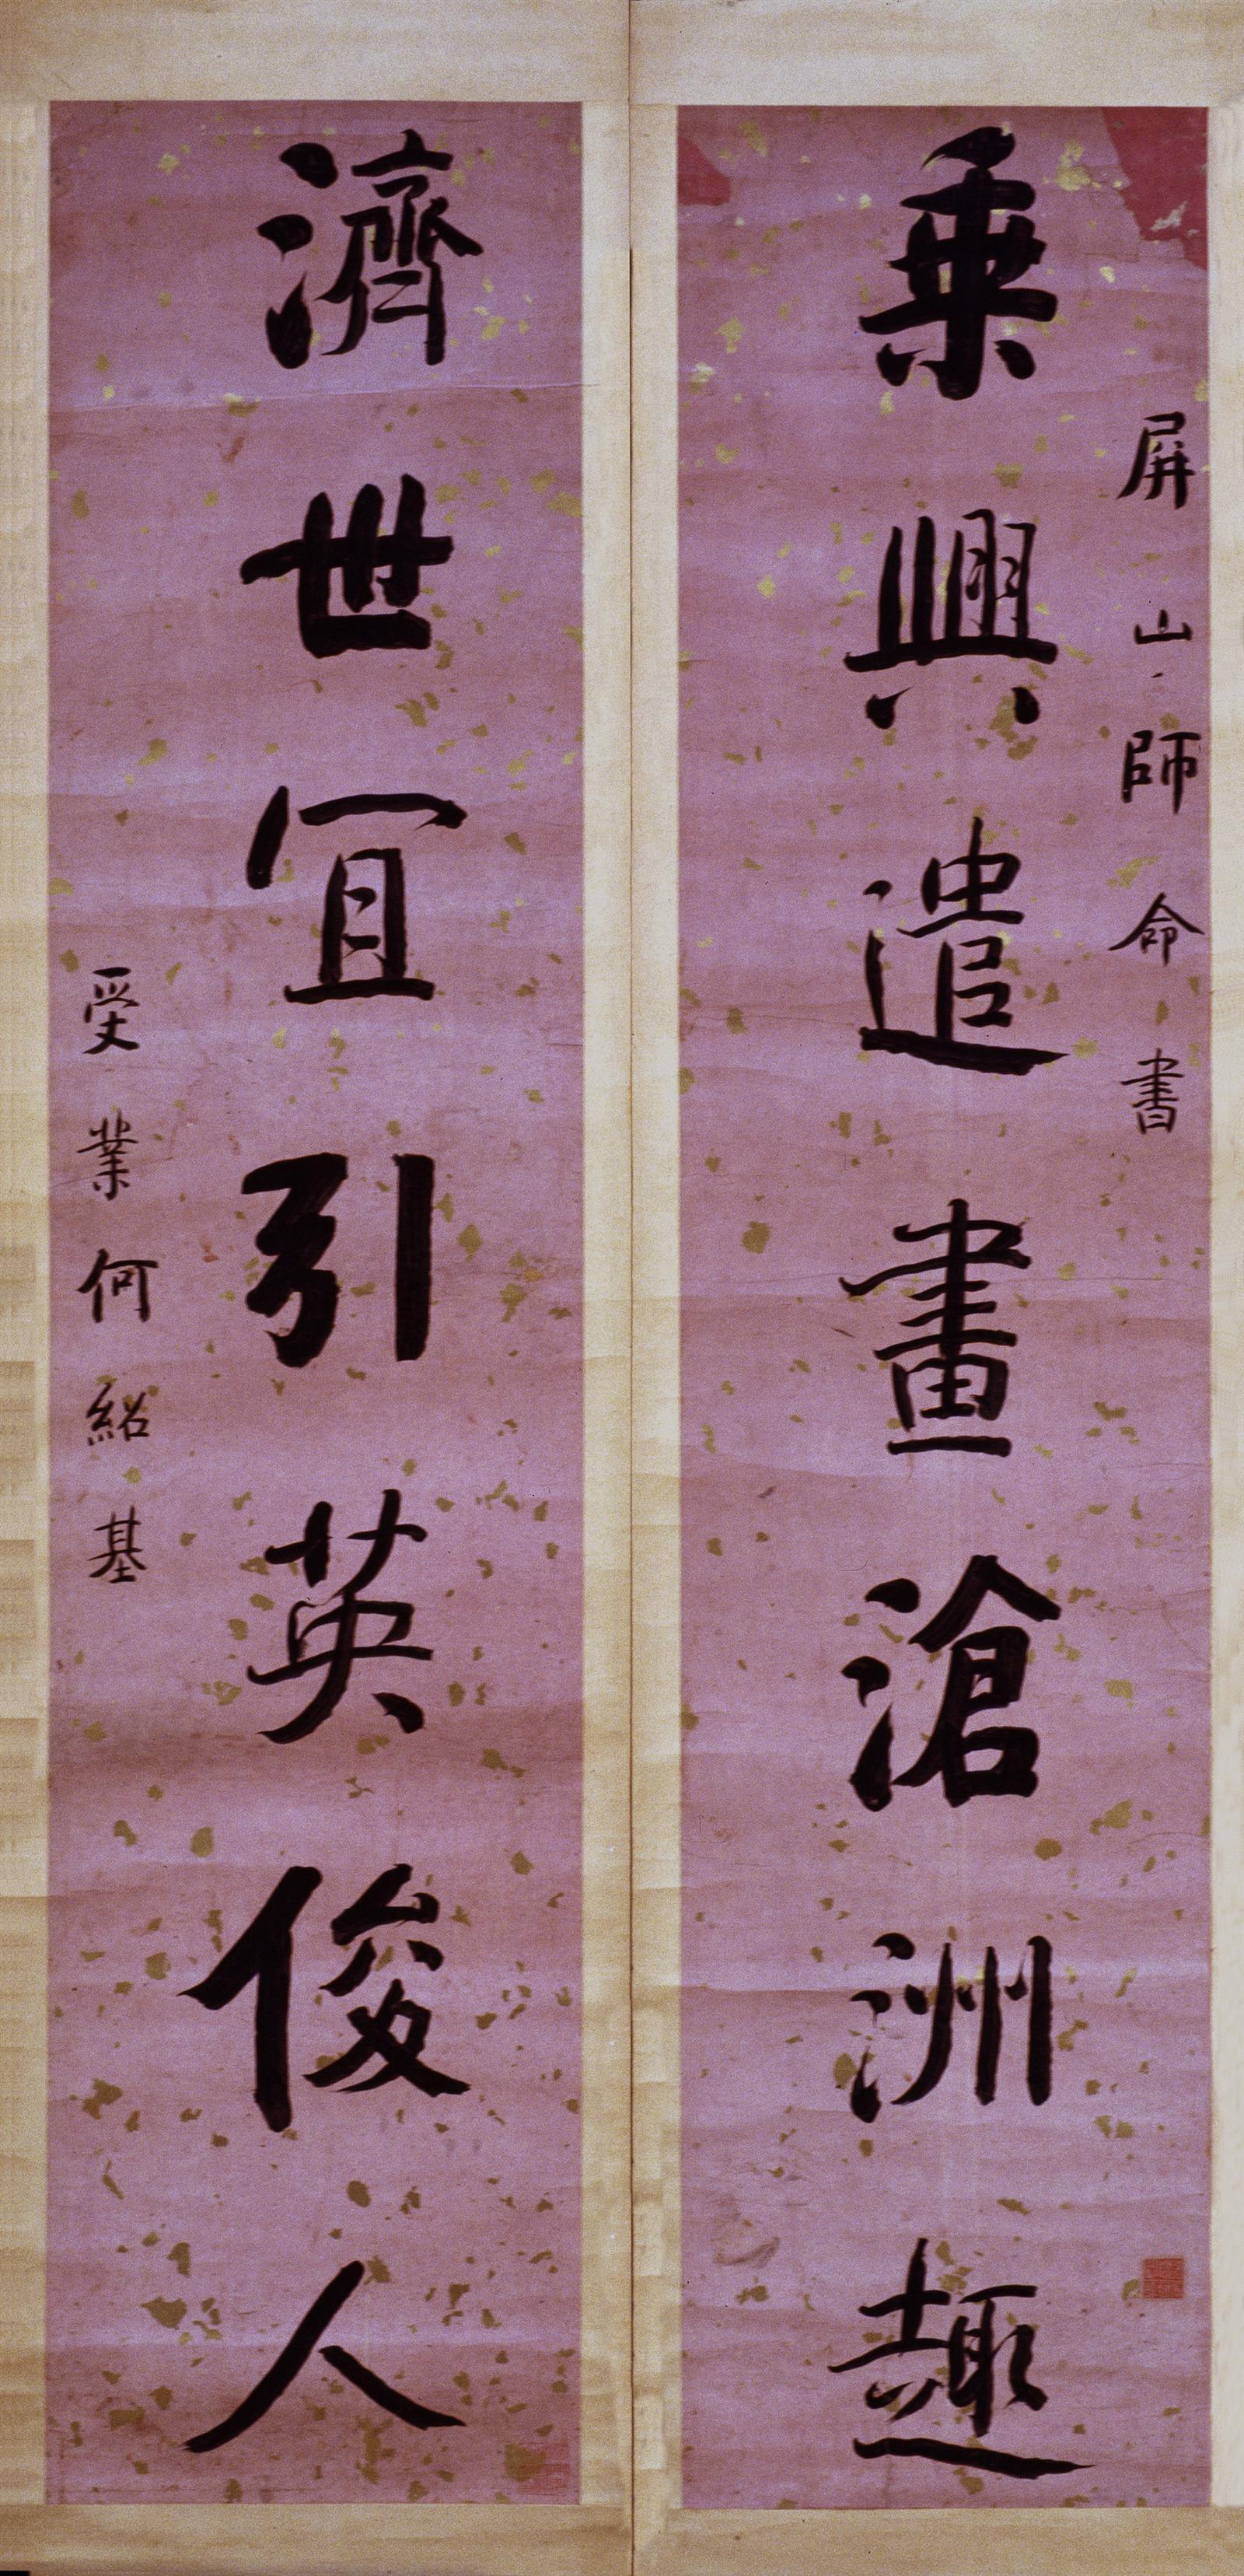 何绍基《乘兴济世七言联》 纸本楷书 湖南省博物馆藏